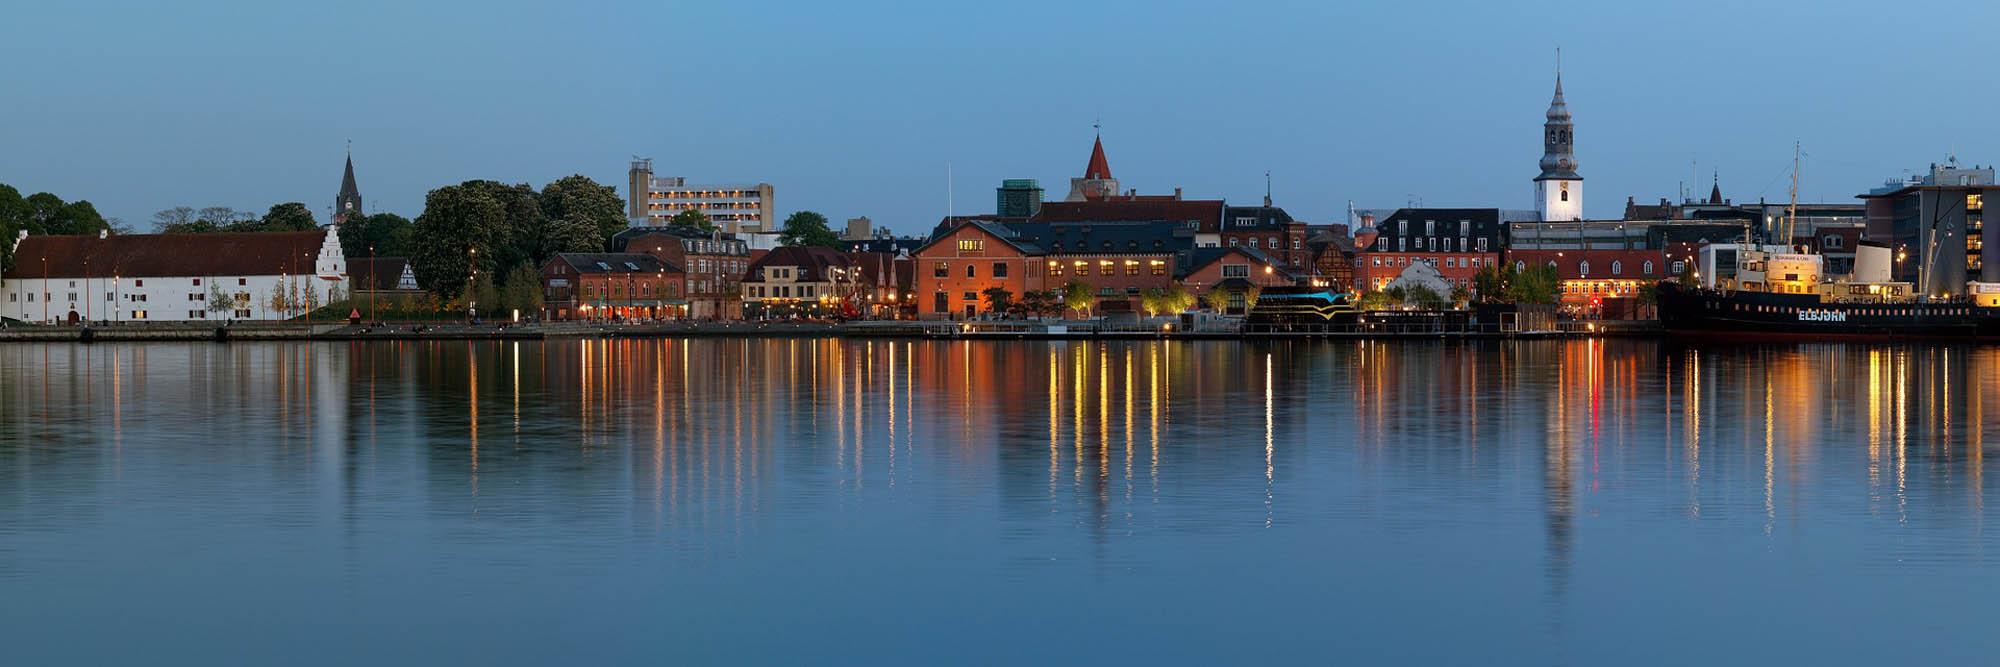 Feriedage i Aalborg